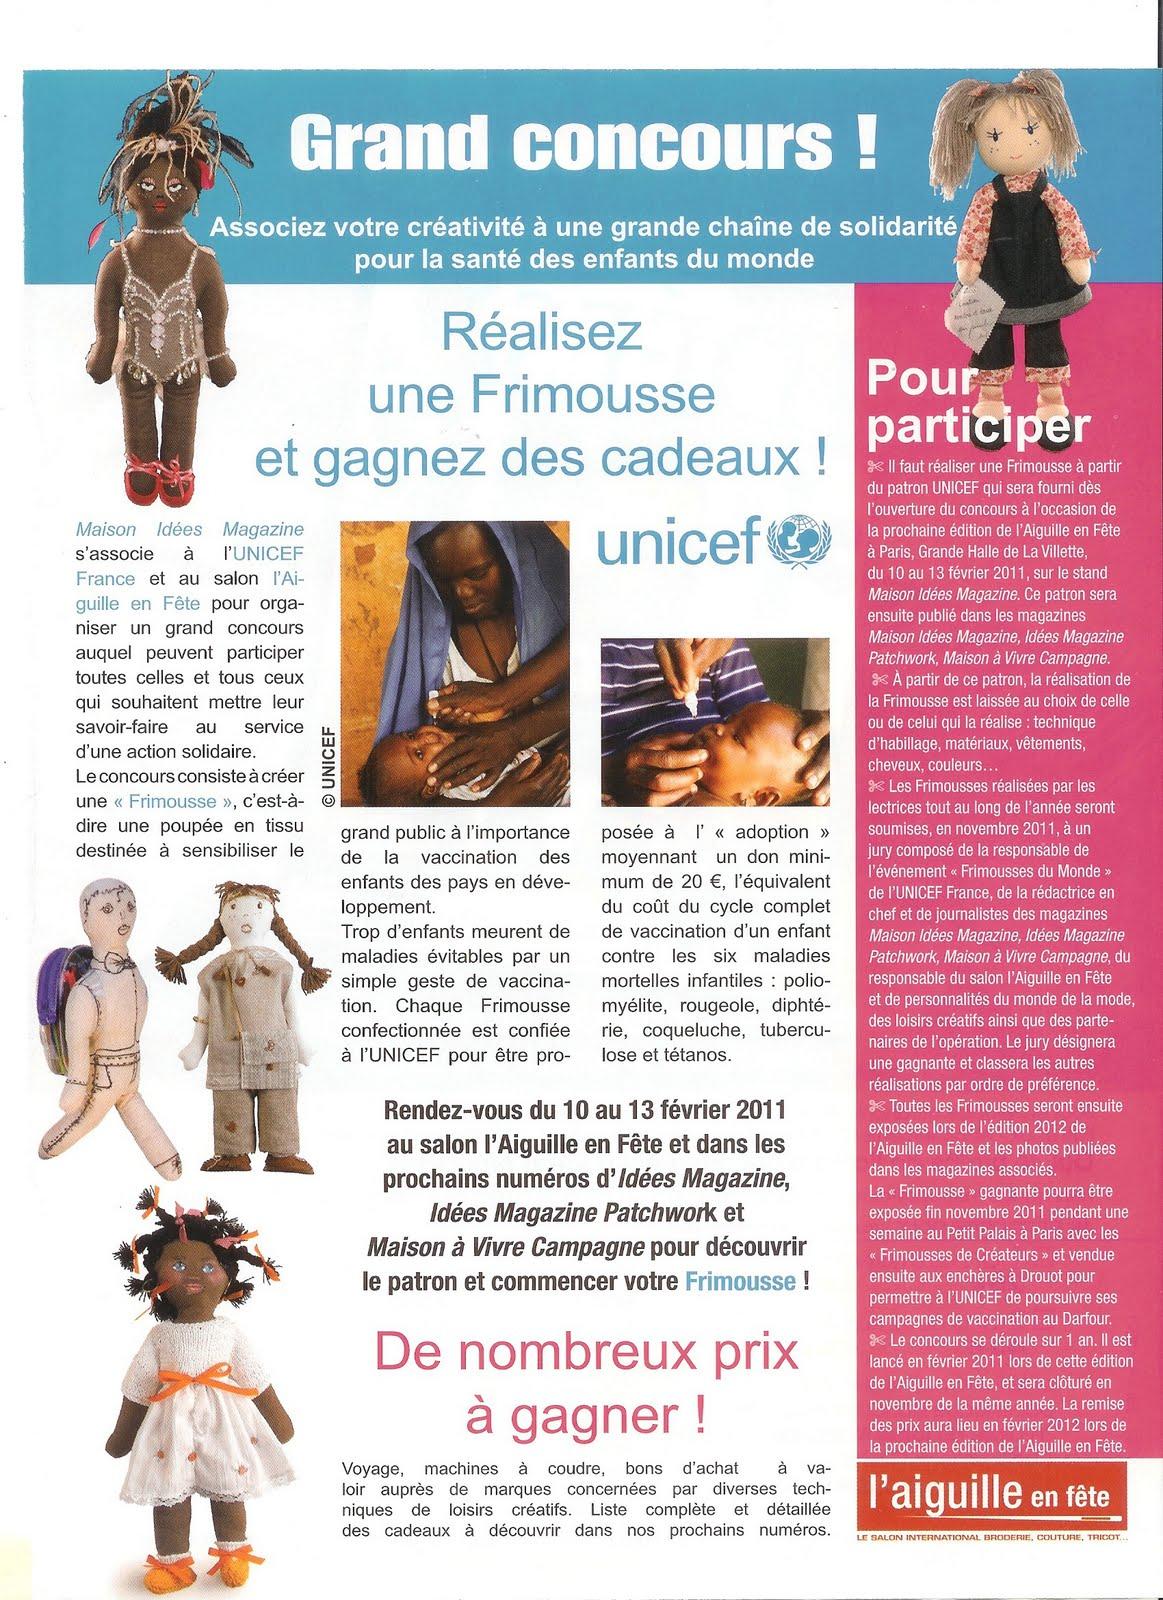 Unicef essonne concours frimousses magazine maison idees for Maison idees magazine